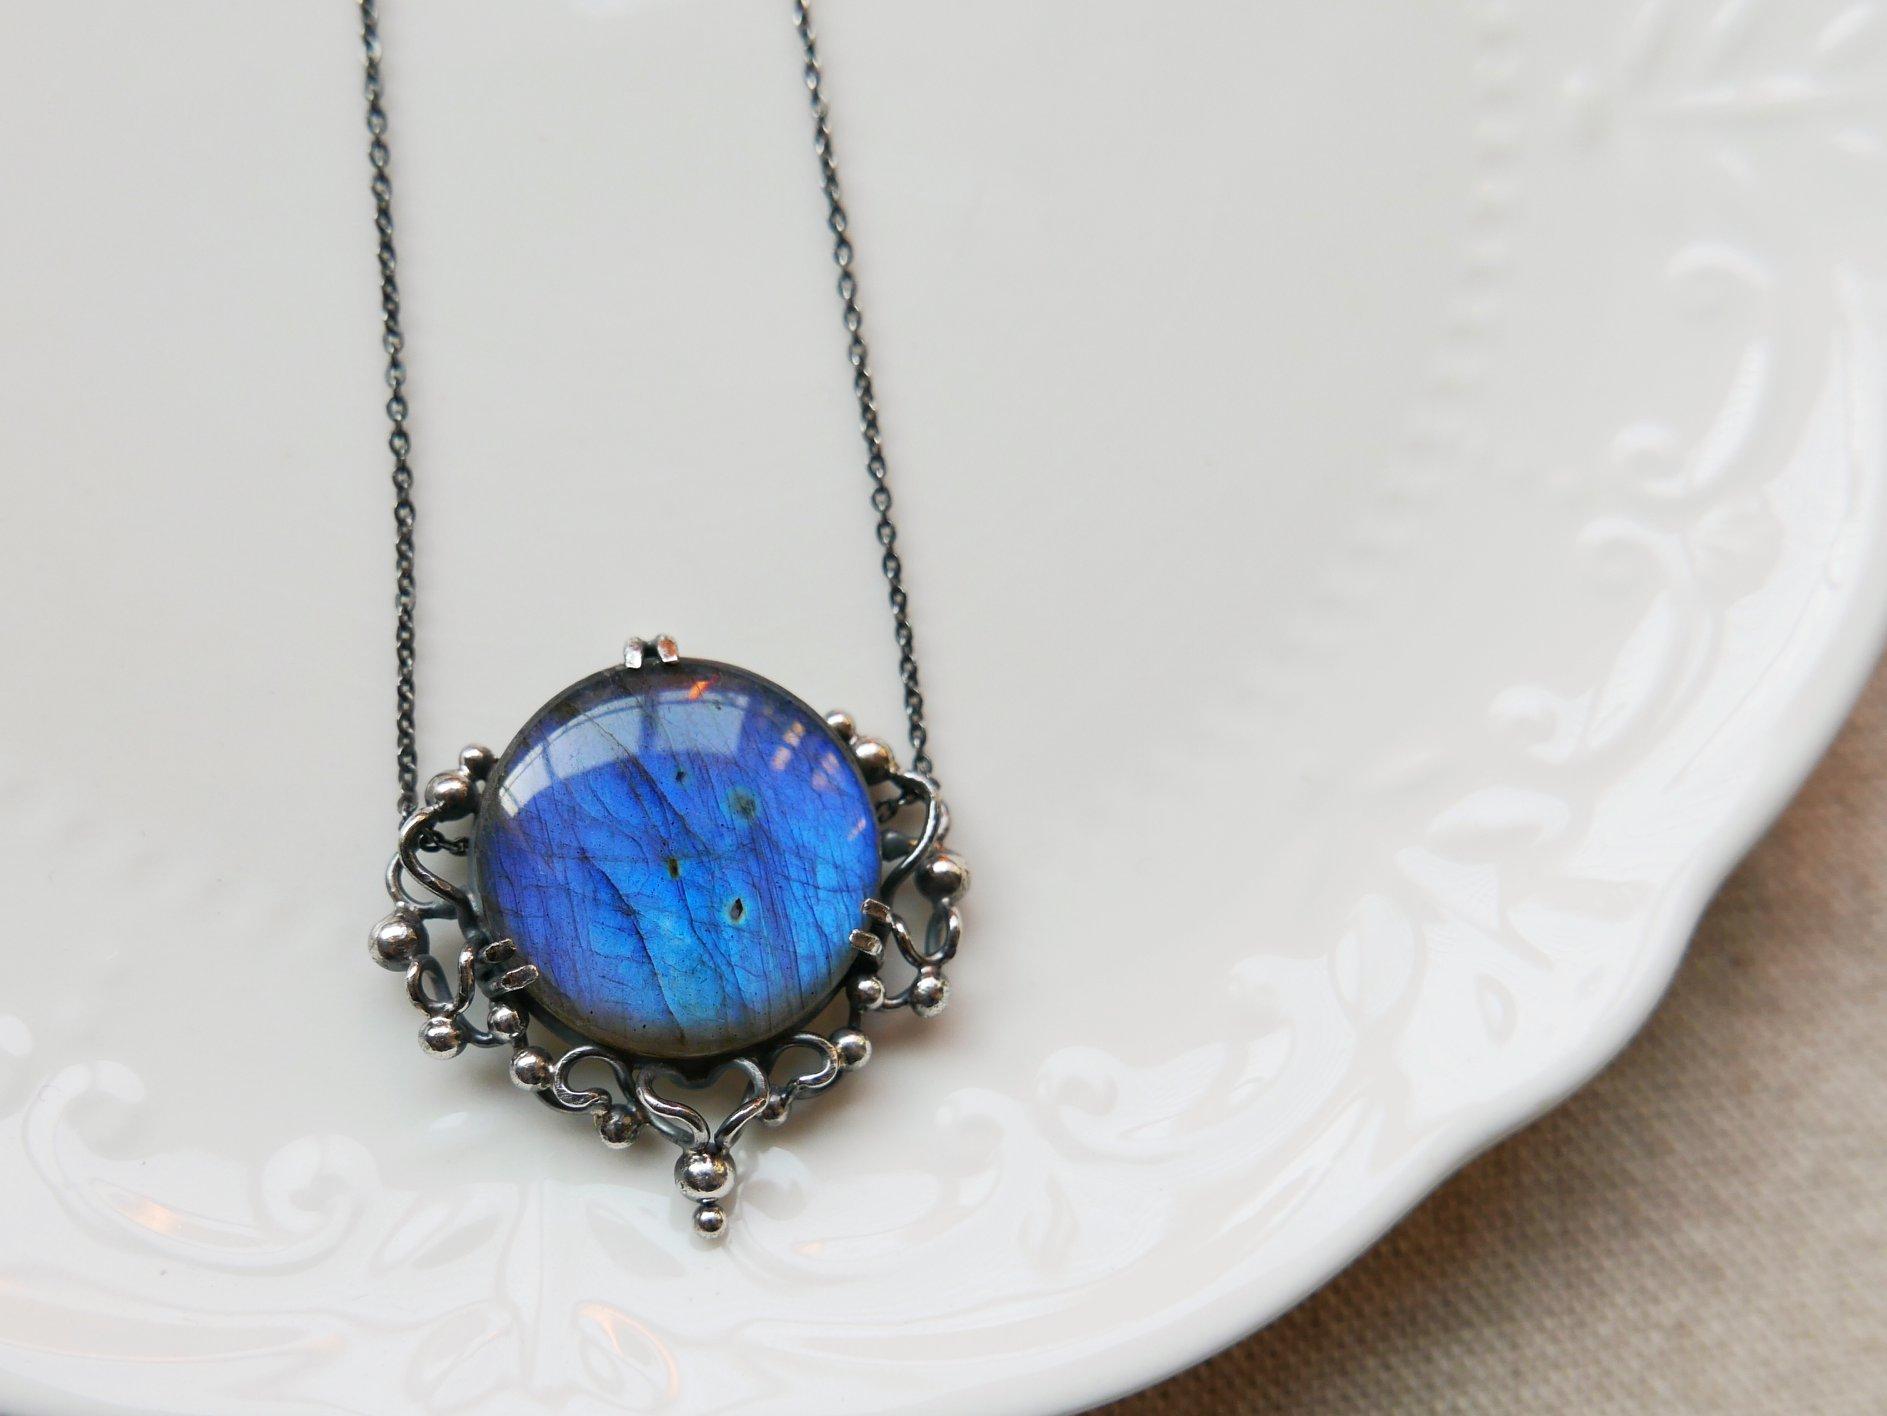 藍月之鏡。拉長純銀鎖骨鍊